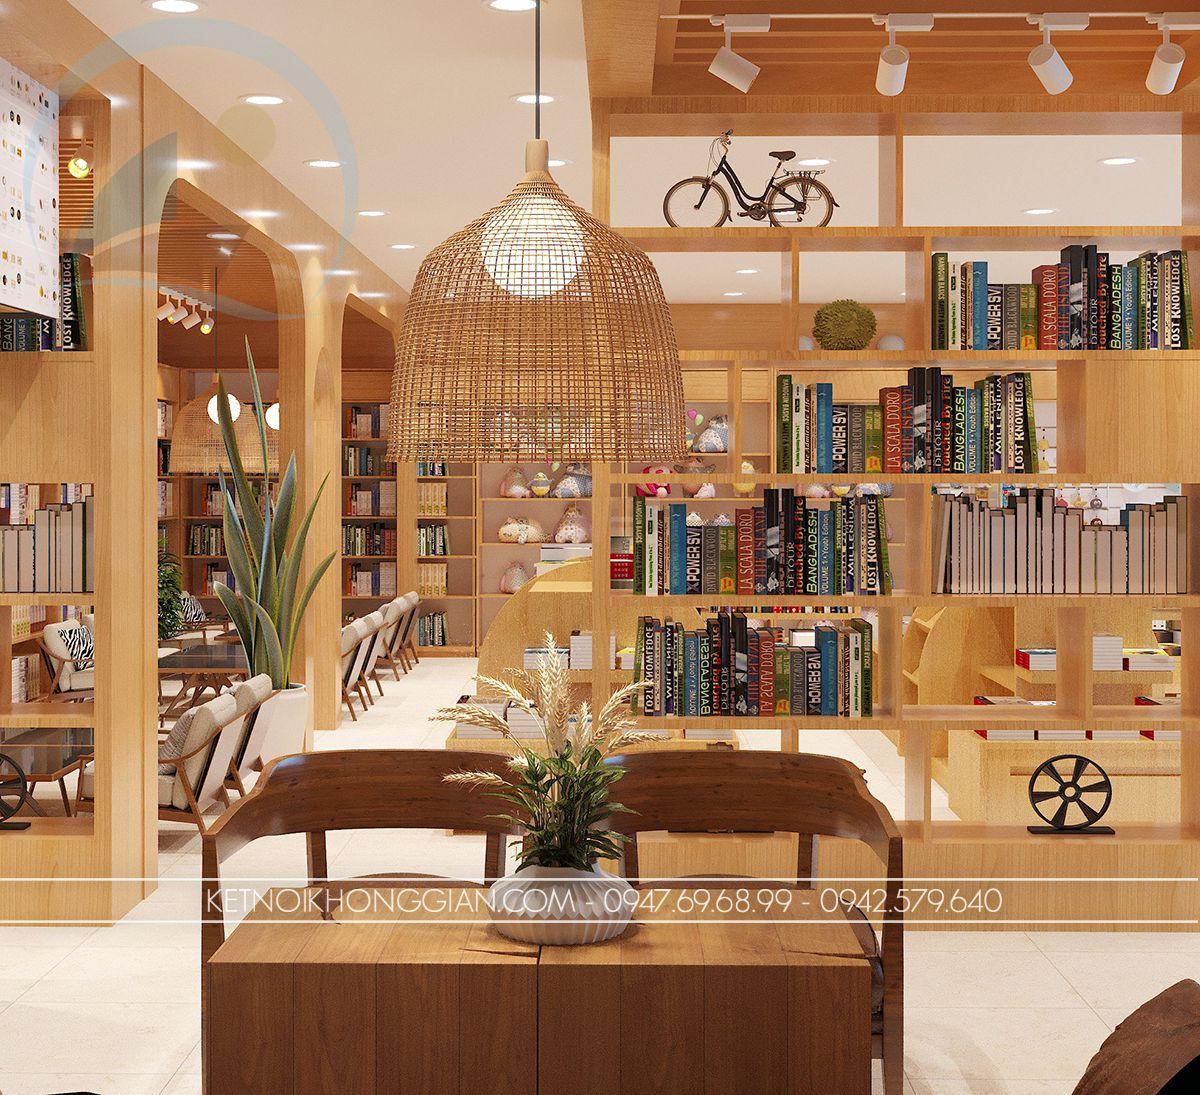 thiết kế nội thất quán cafe sách